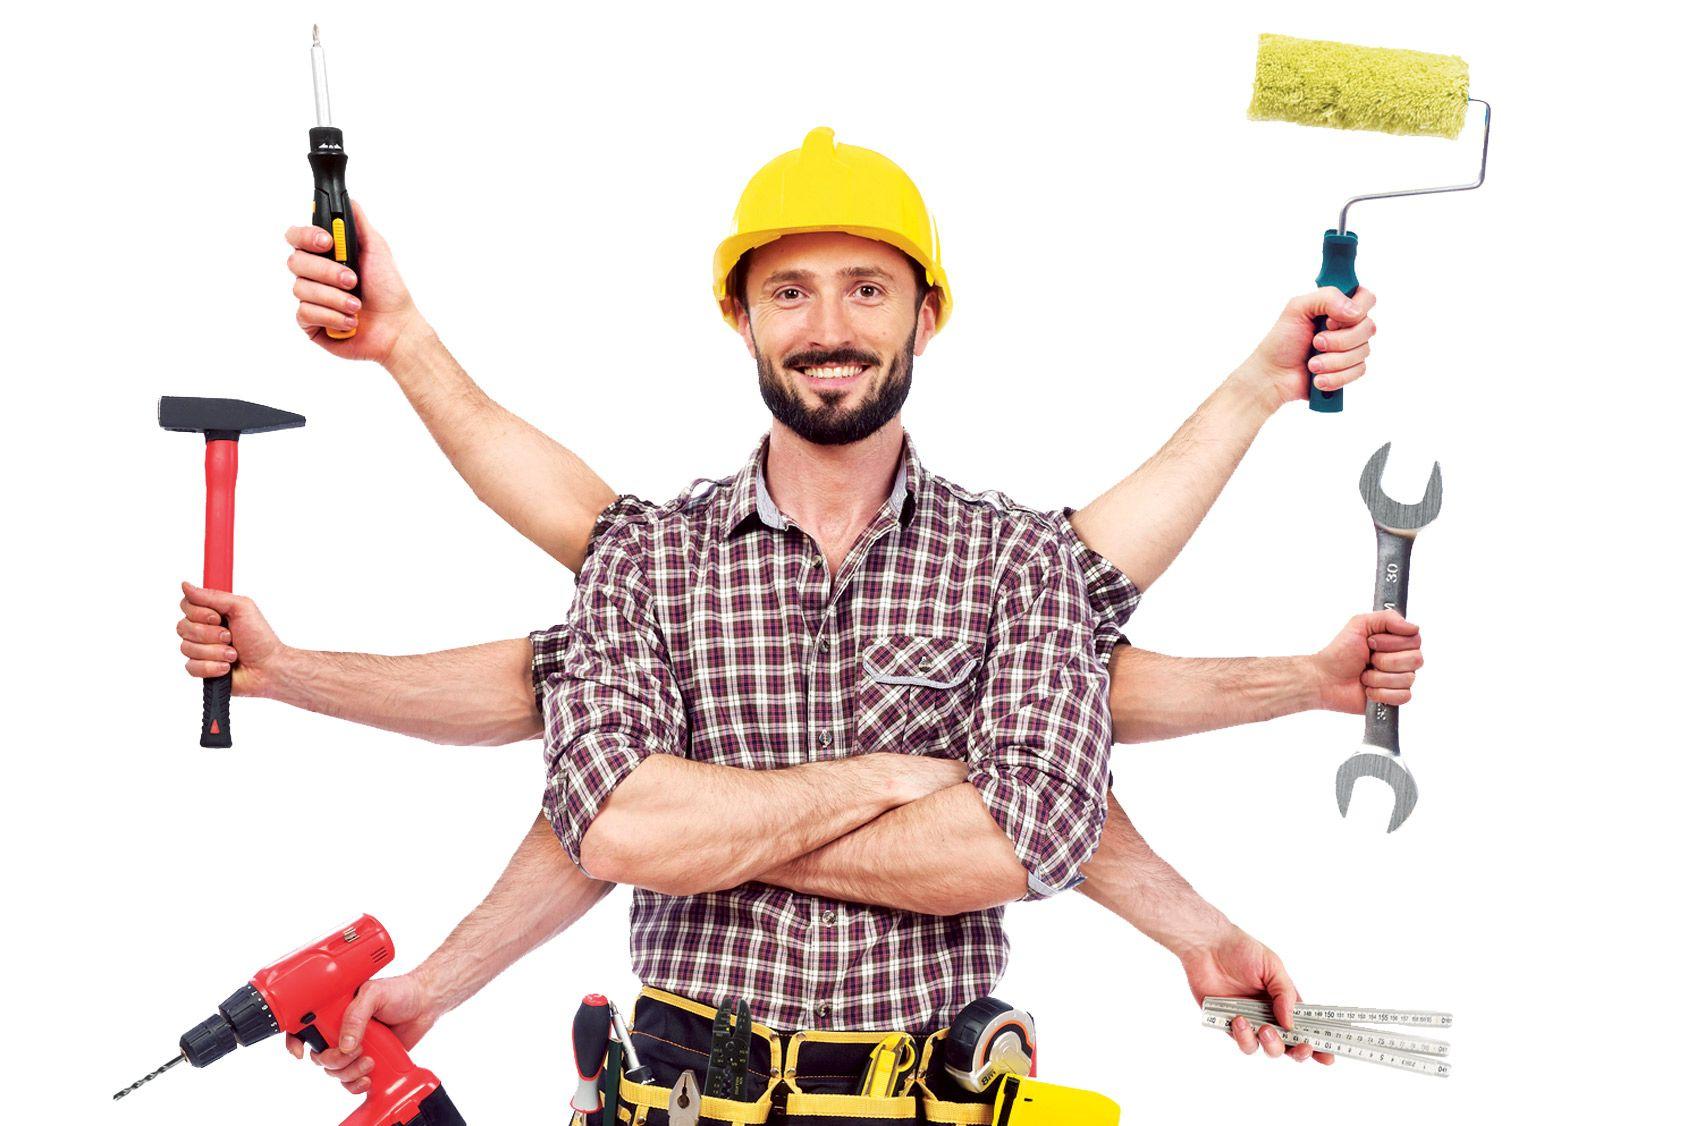 Plateformes de jobbing: à qui confier vos petits travaux?